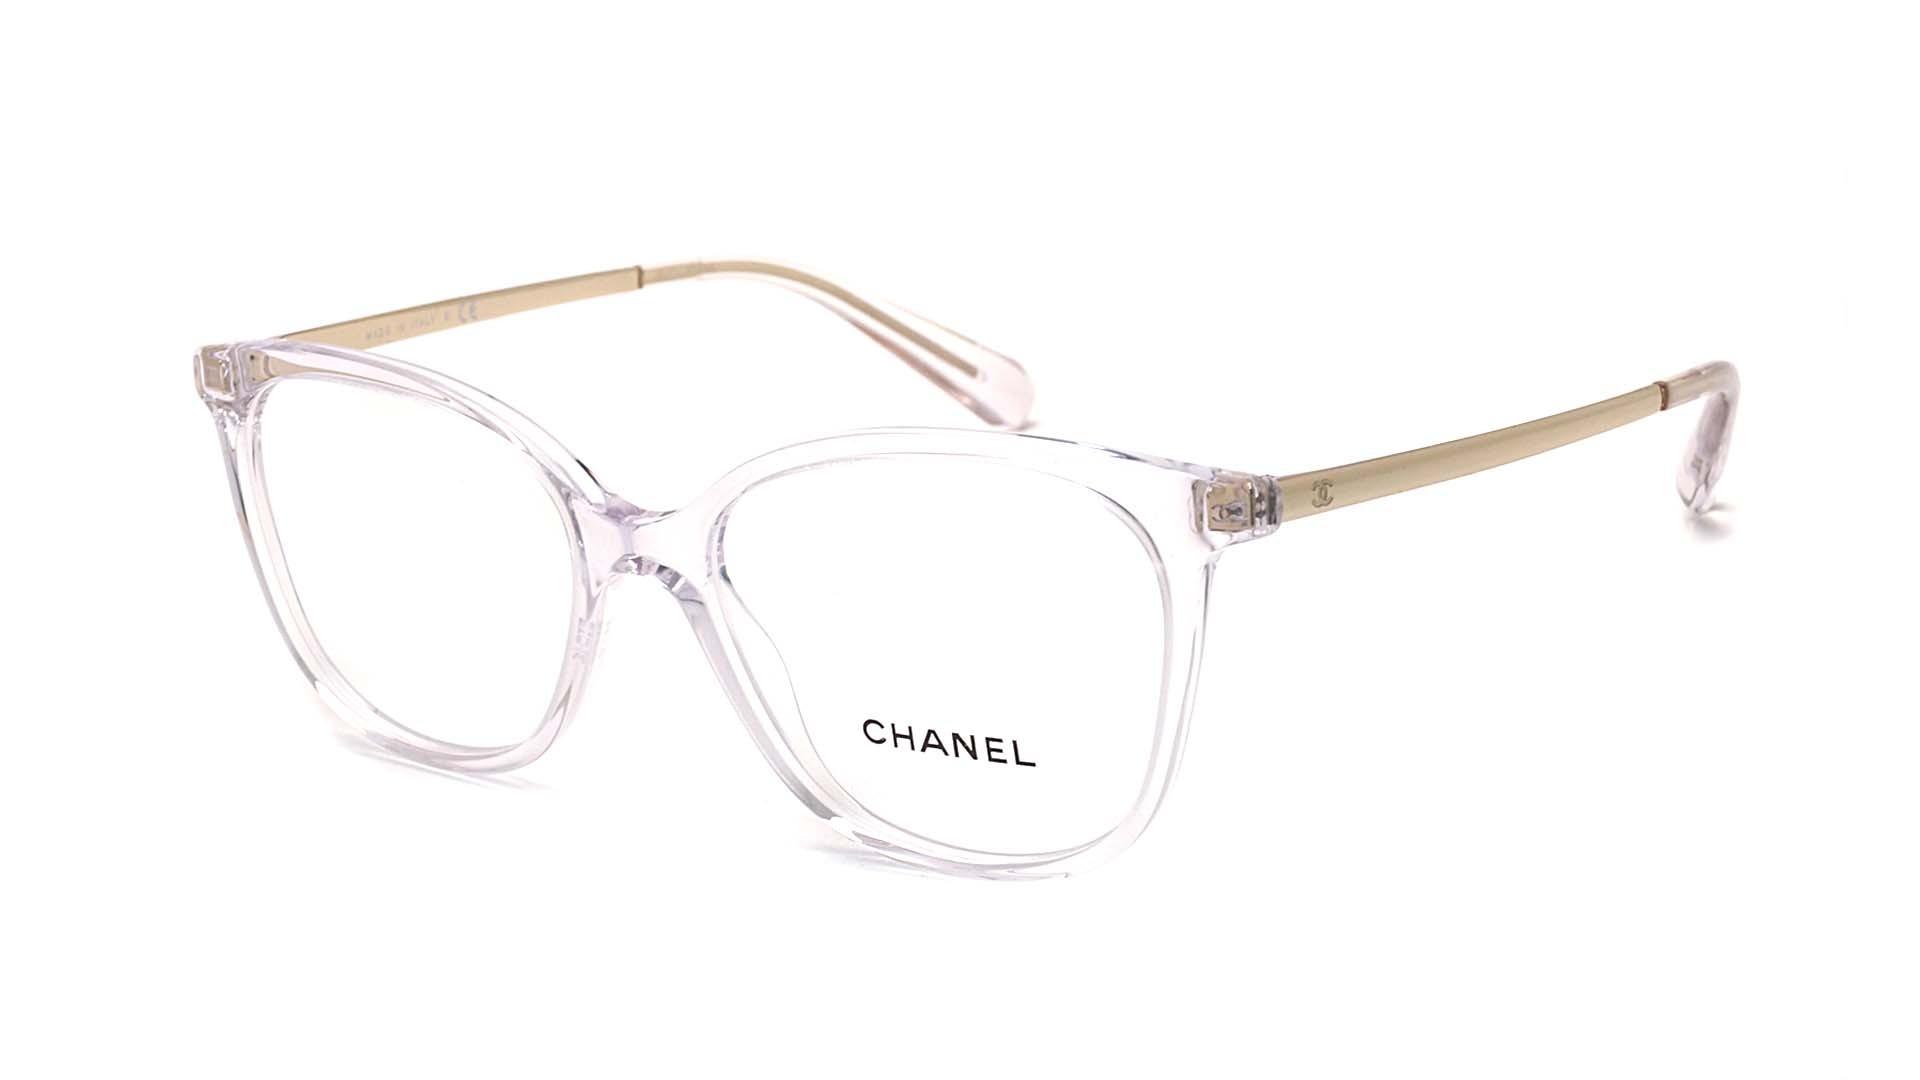 76629bd9724 Eyeglasses Chanel CH3383 C660 51-16 Clear Small